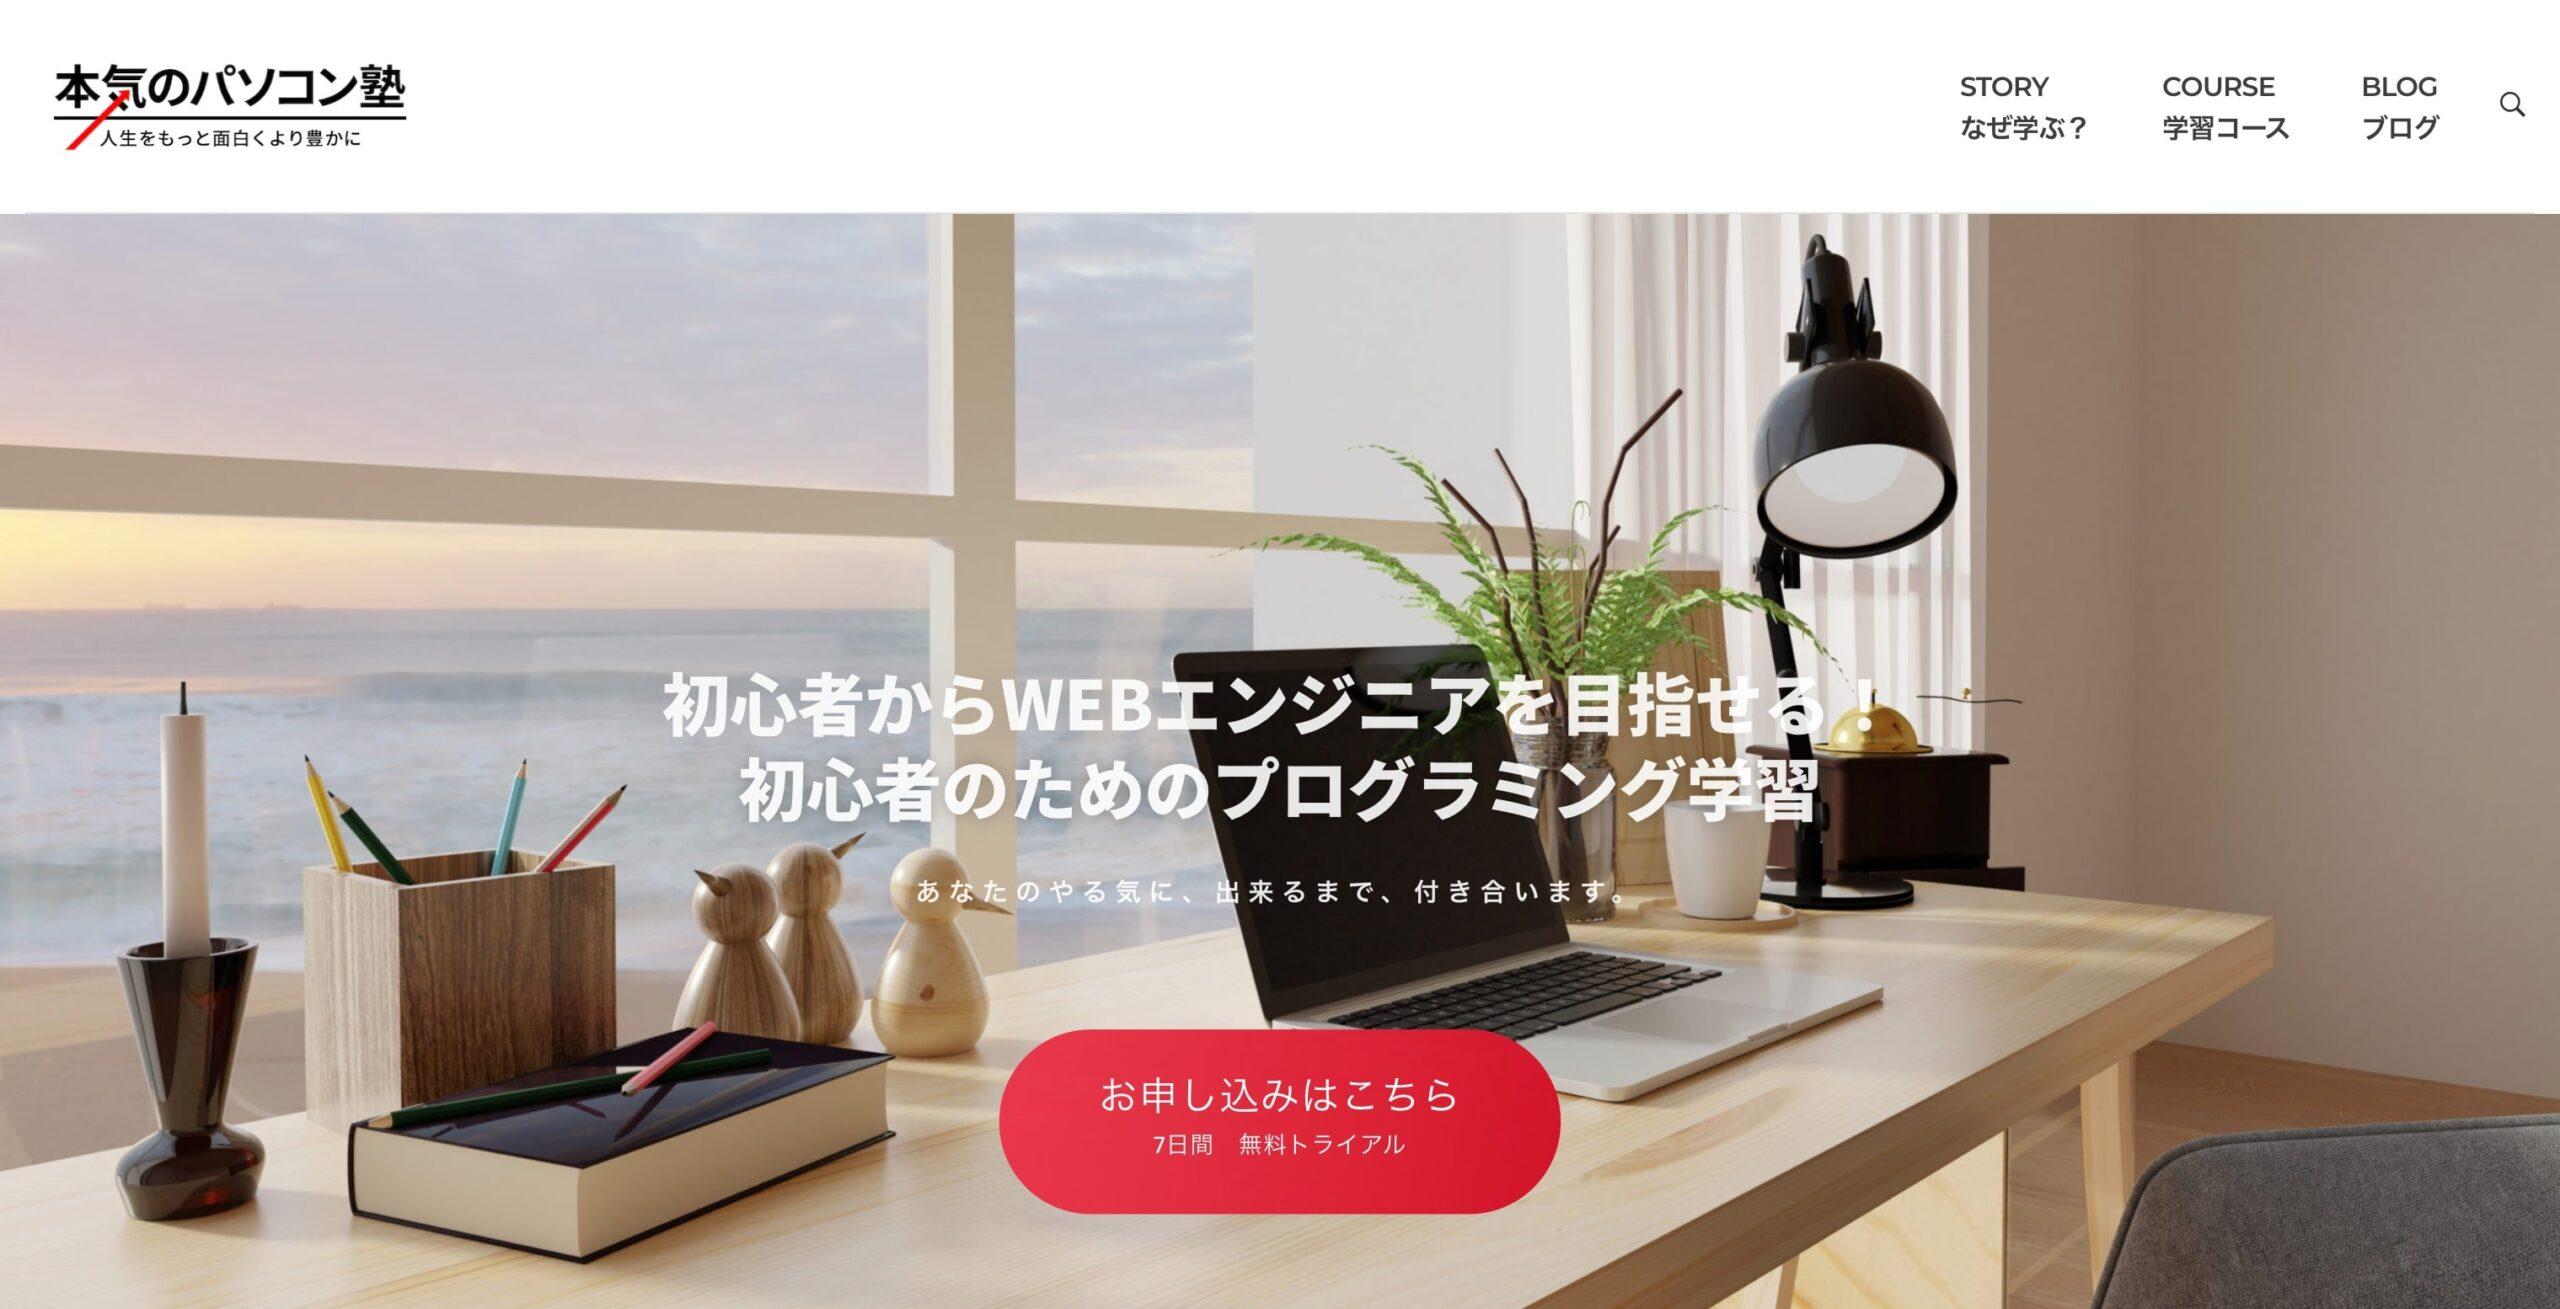 本気のパソコン塾公式サイト